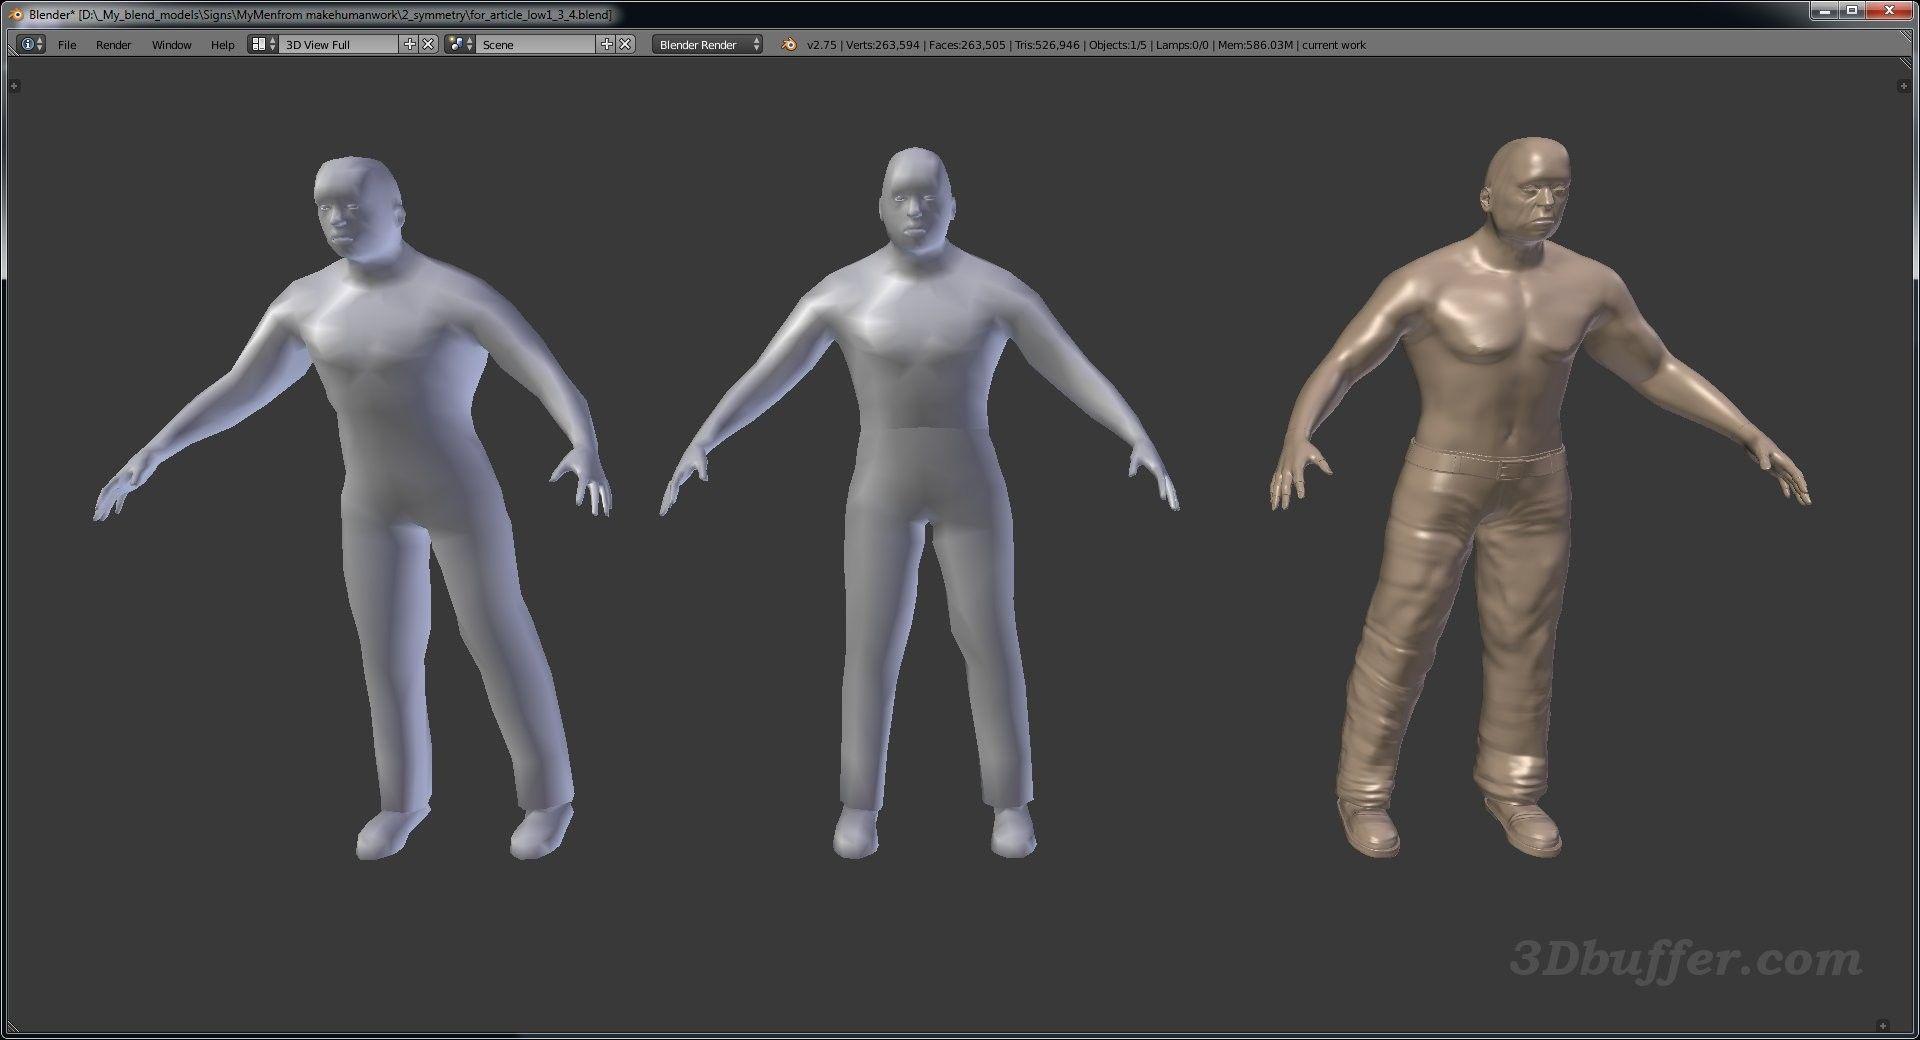 3D models Unity3D, Blender, Unity 3D, 3D characters, Fuse, Mixamo